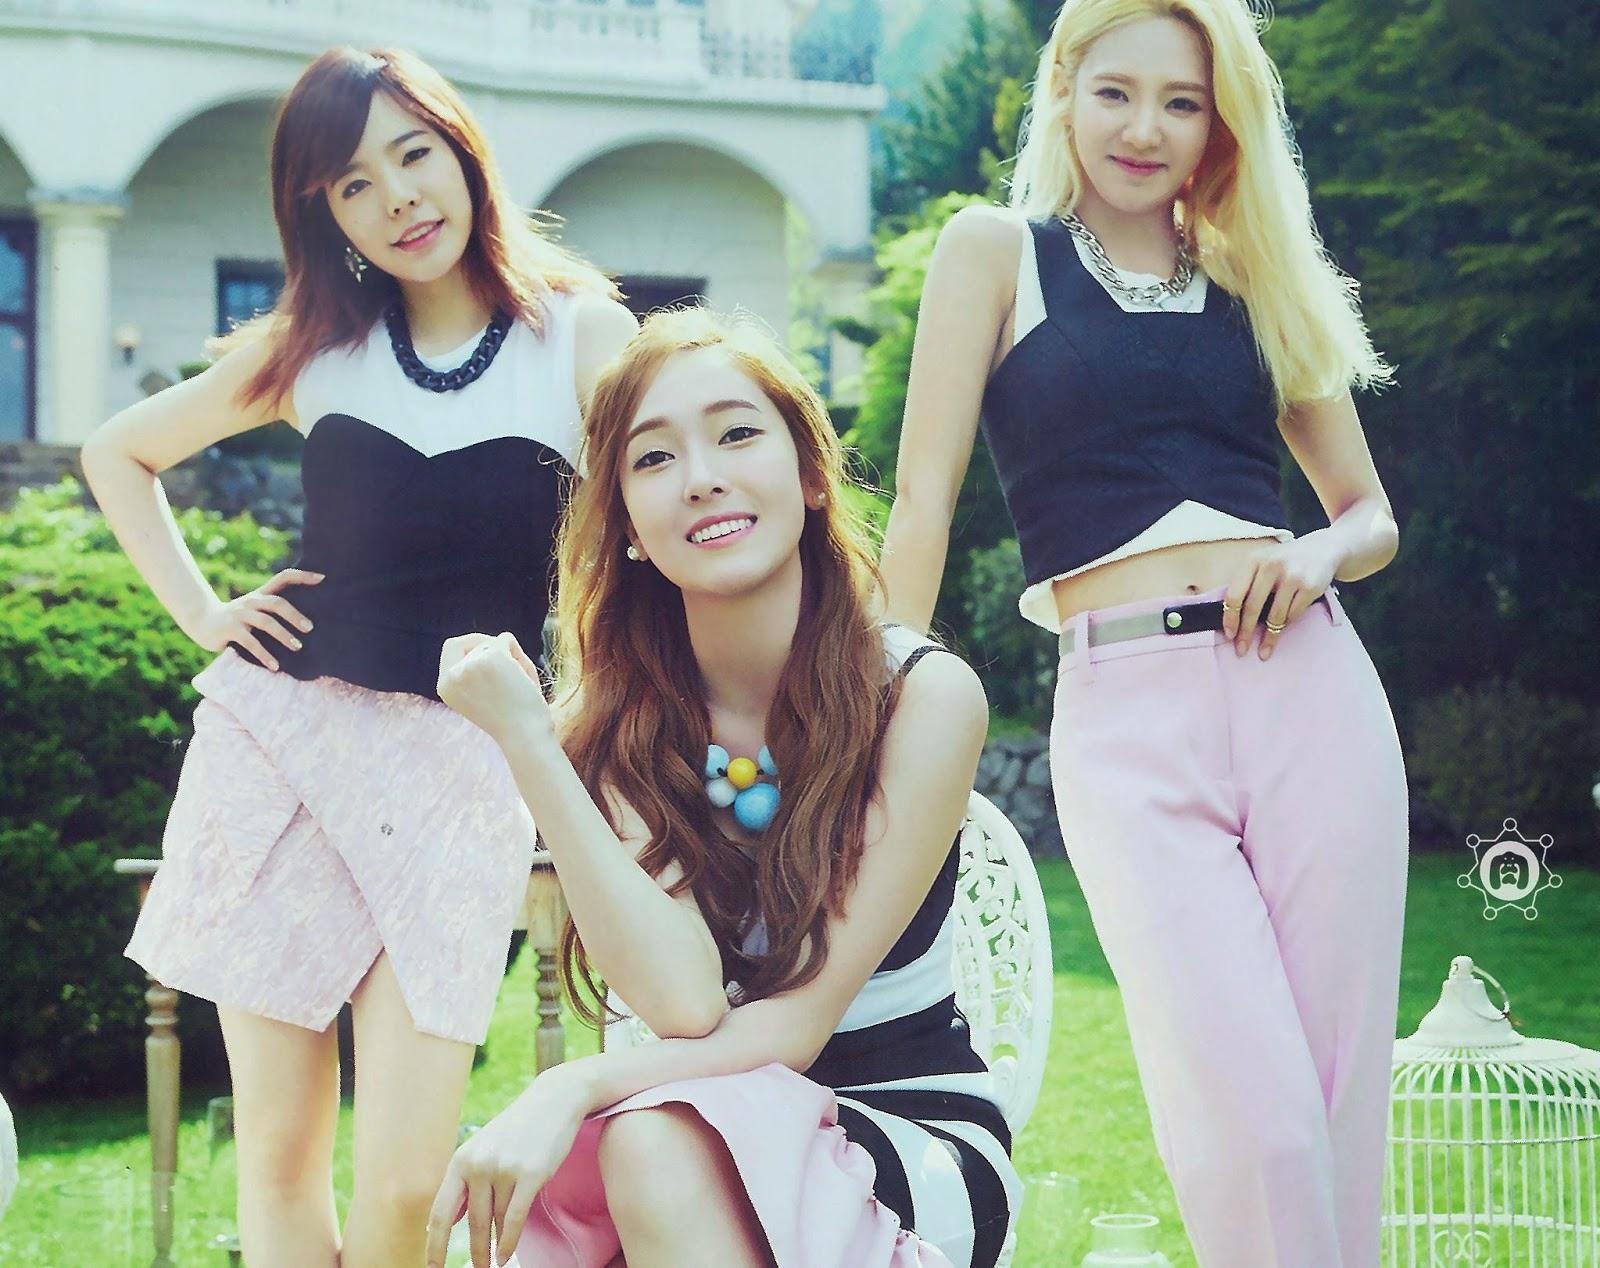 SNSD Girls Generation The Best Scan Wallpaper HD 8